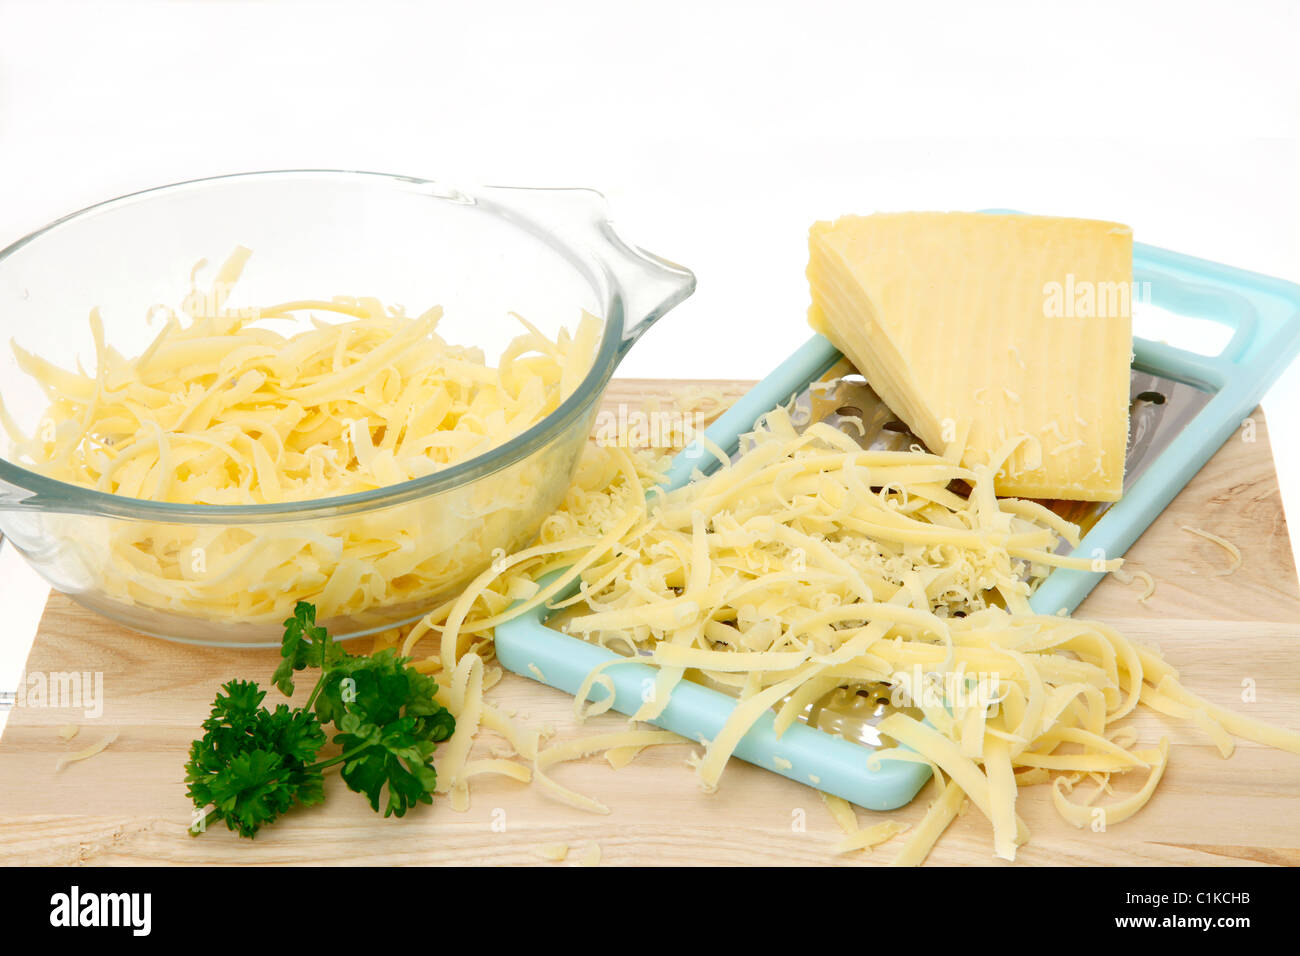 Le fromage râpé sur une planche à découper en bois - high key image Photo Stock